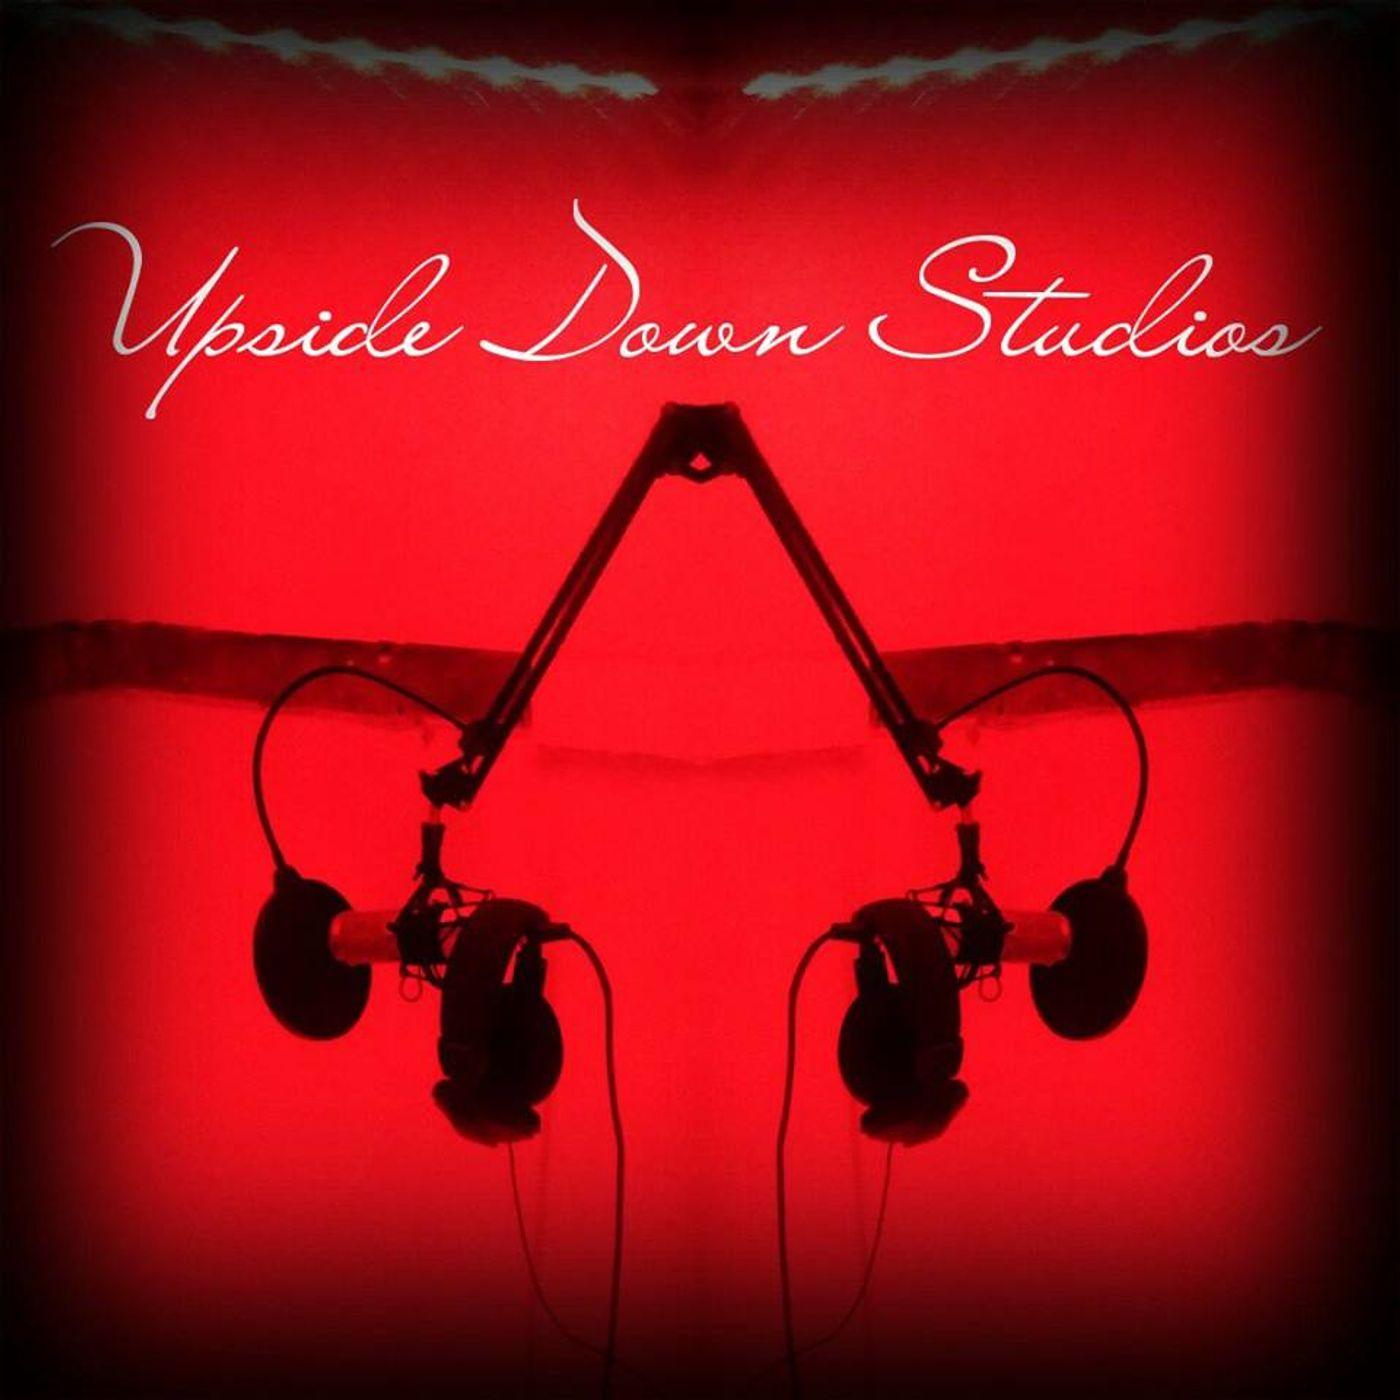 Upside Down Studio's podcast